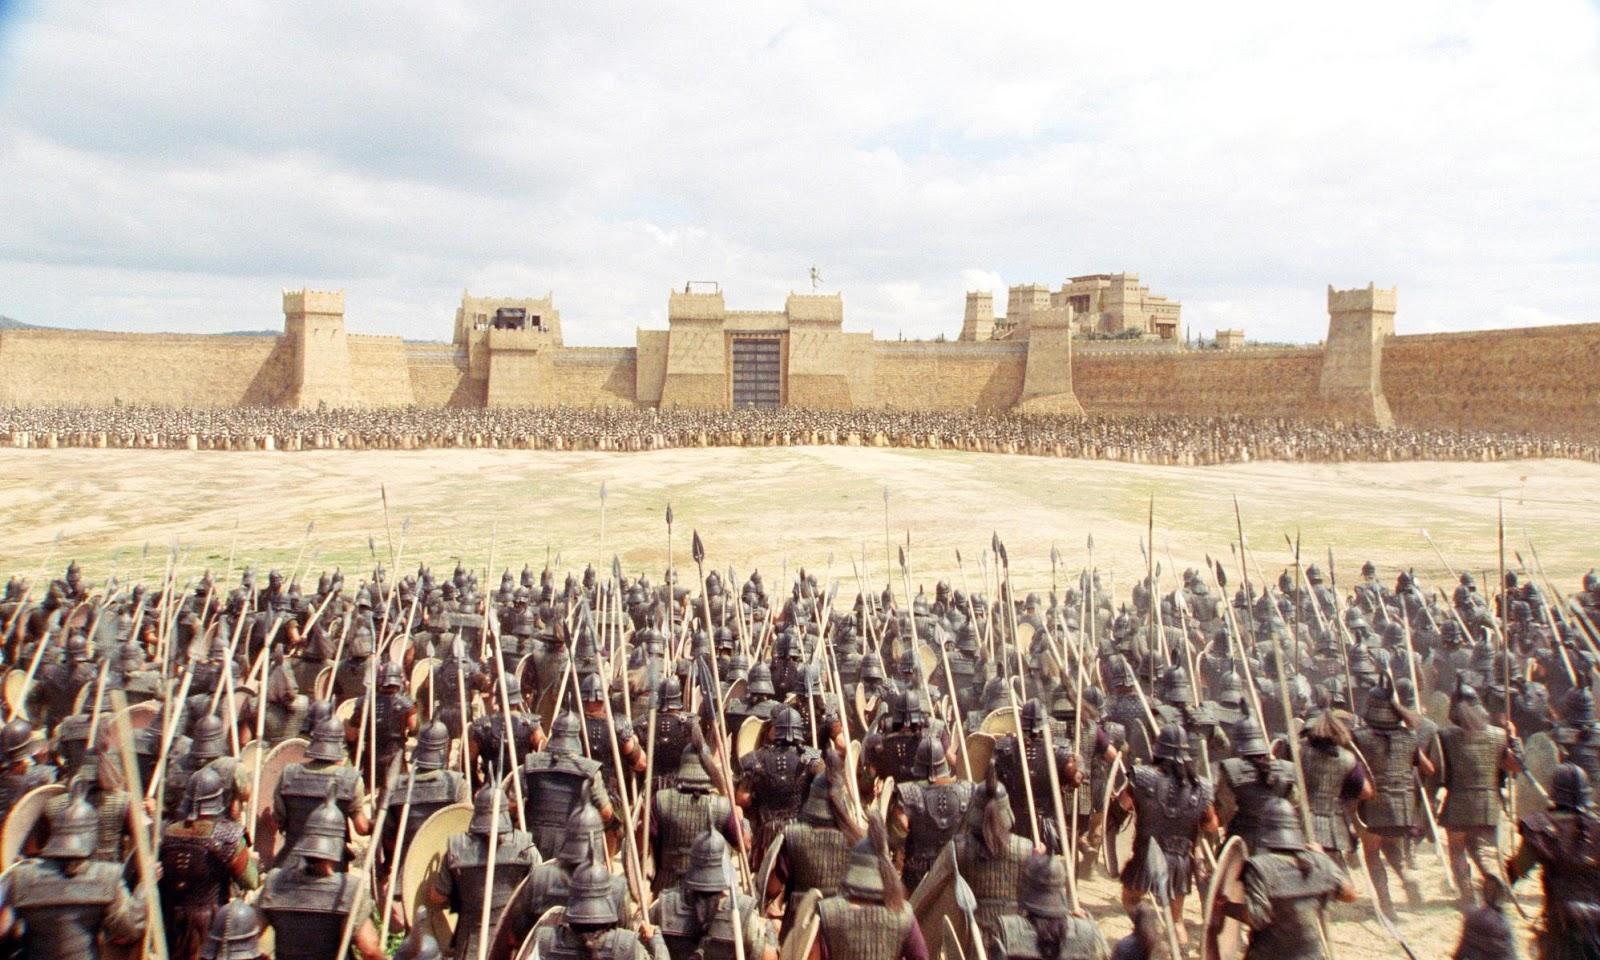 เรื่องราวน่าสนใจของกองทัพโรมัน